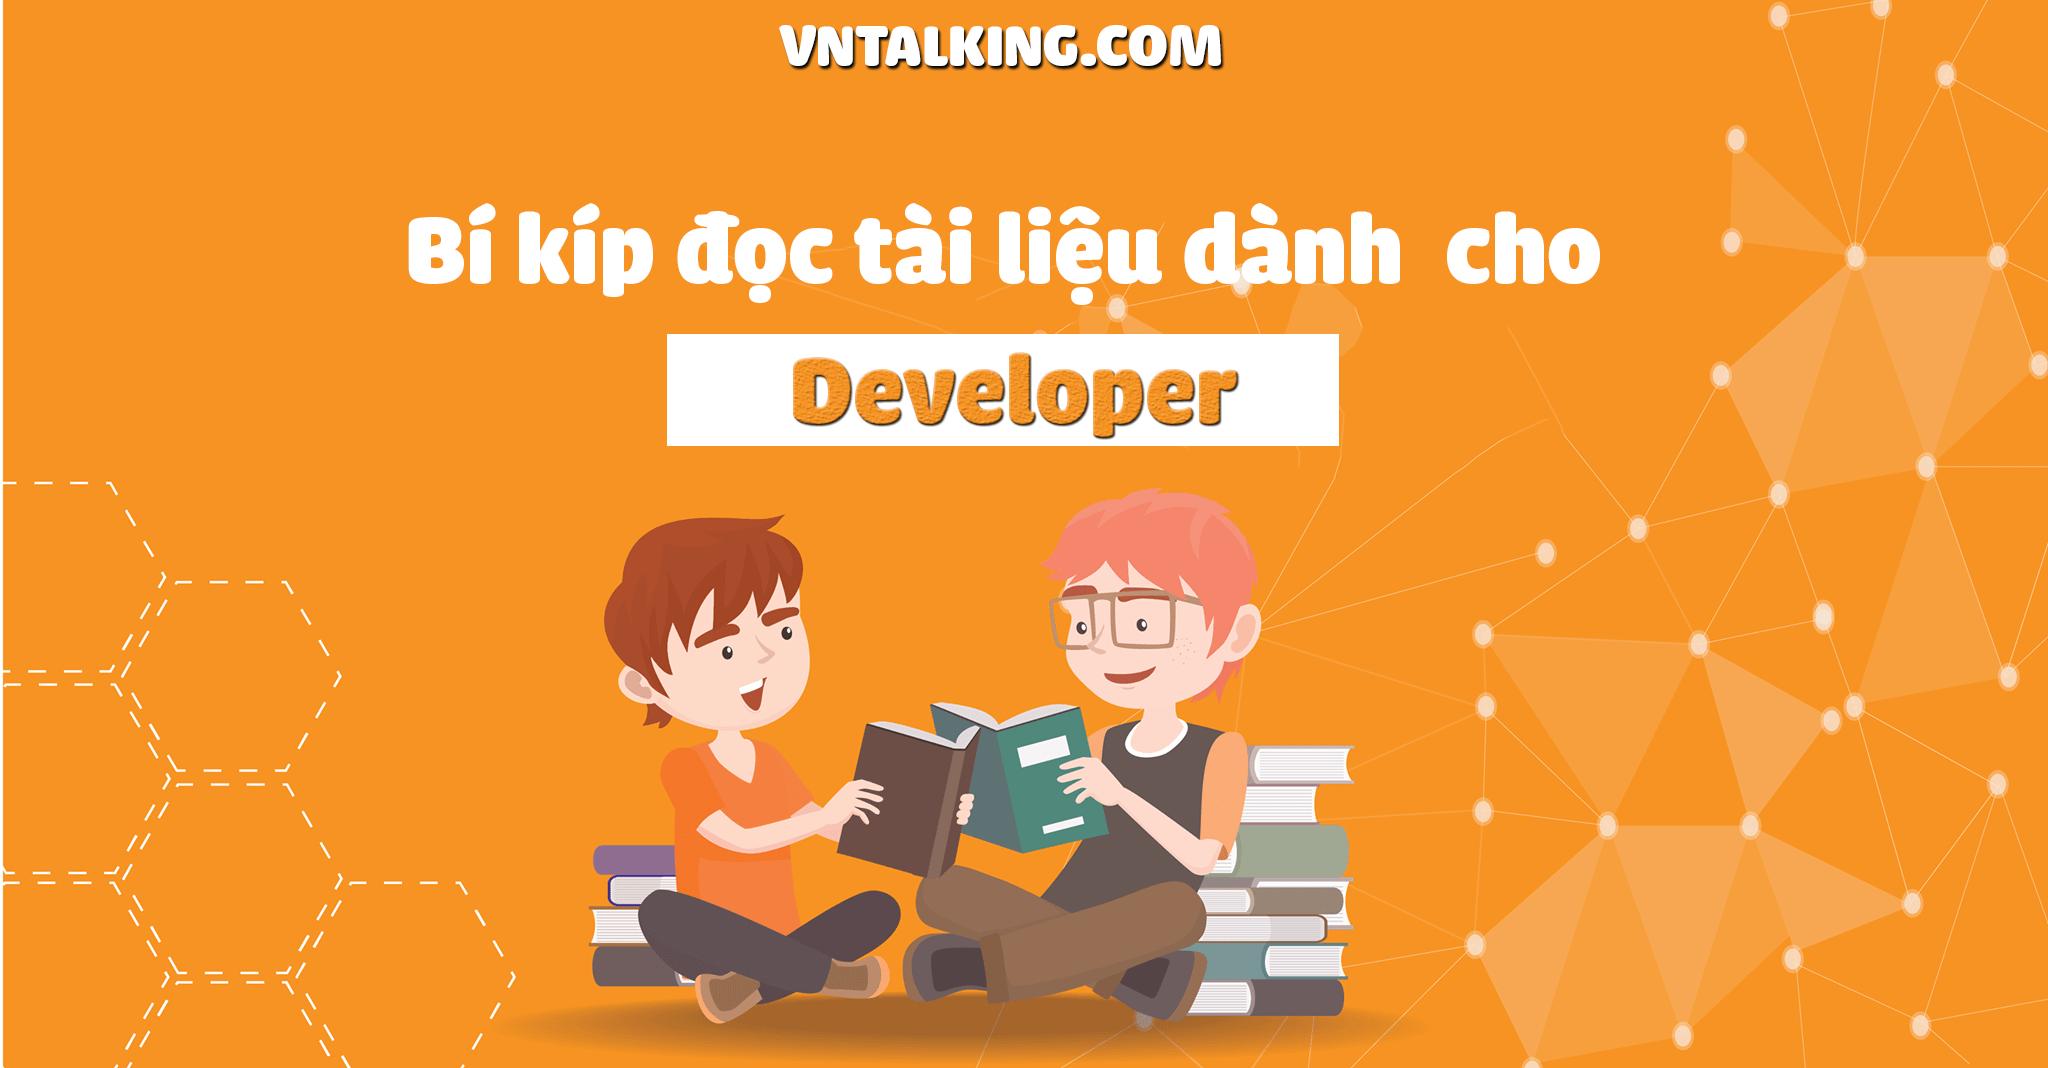 Bí kíp đọc tài liệu để trở thành developer giỏi